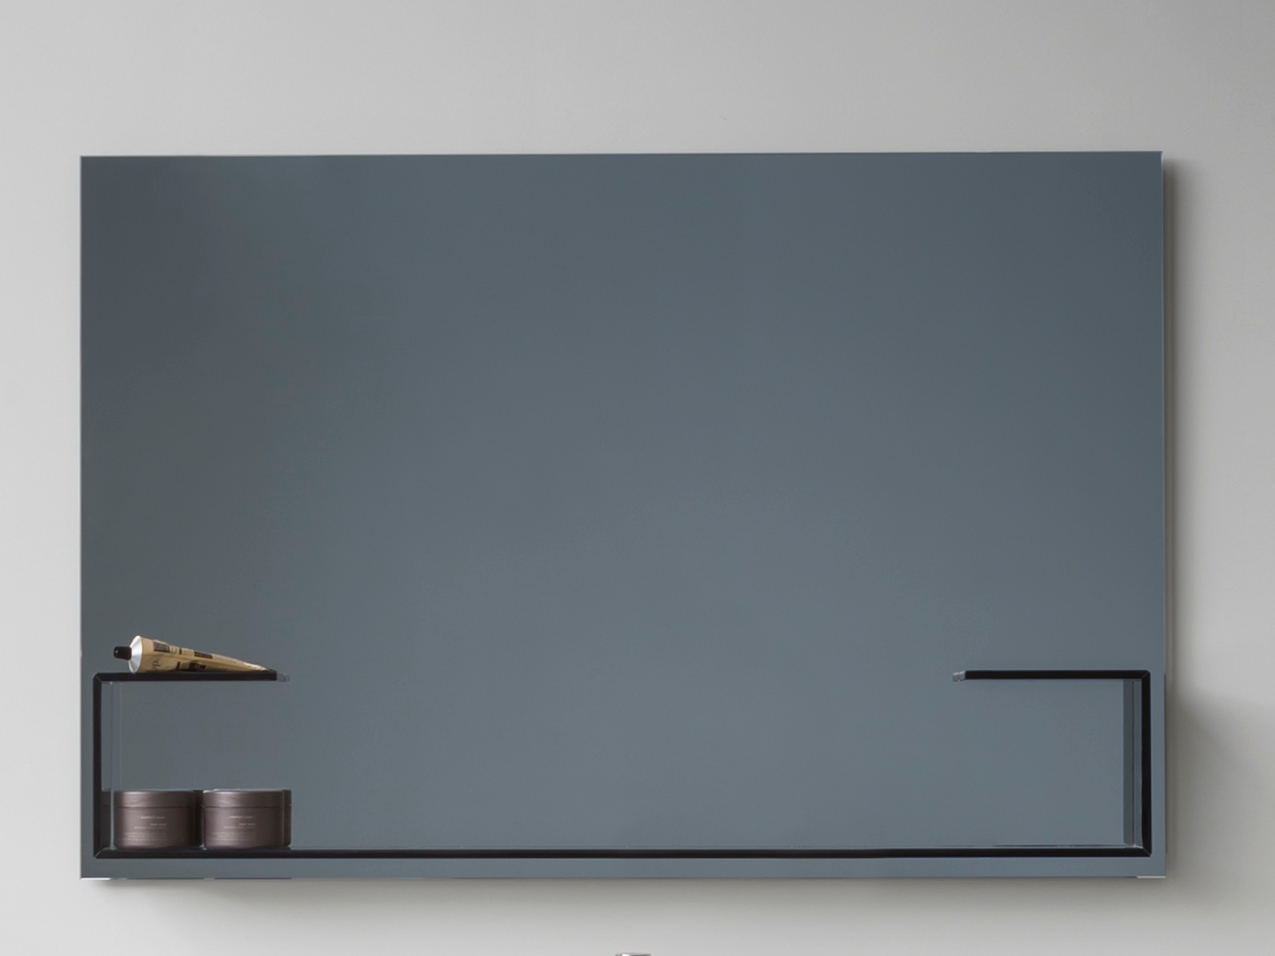 Miroir Mural Pour Salle De Bain Miroir Rectangulaire Collection Moode By Rexa Design Design